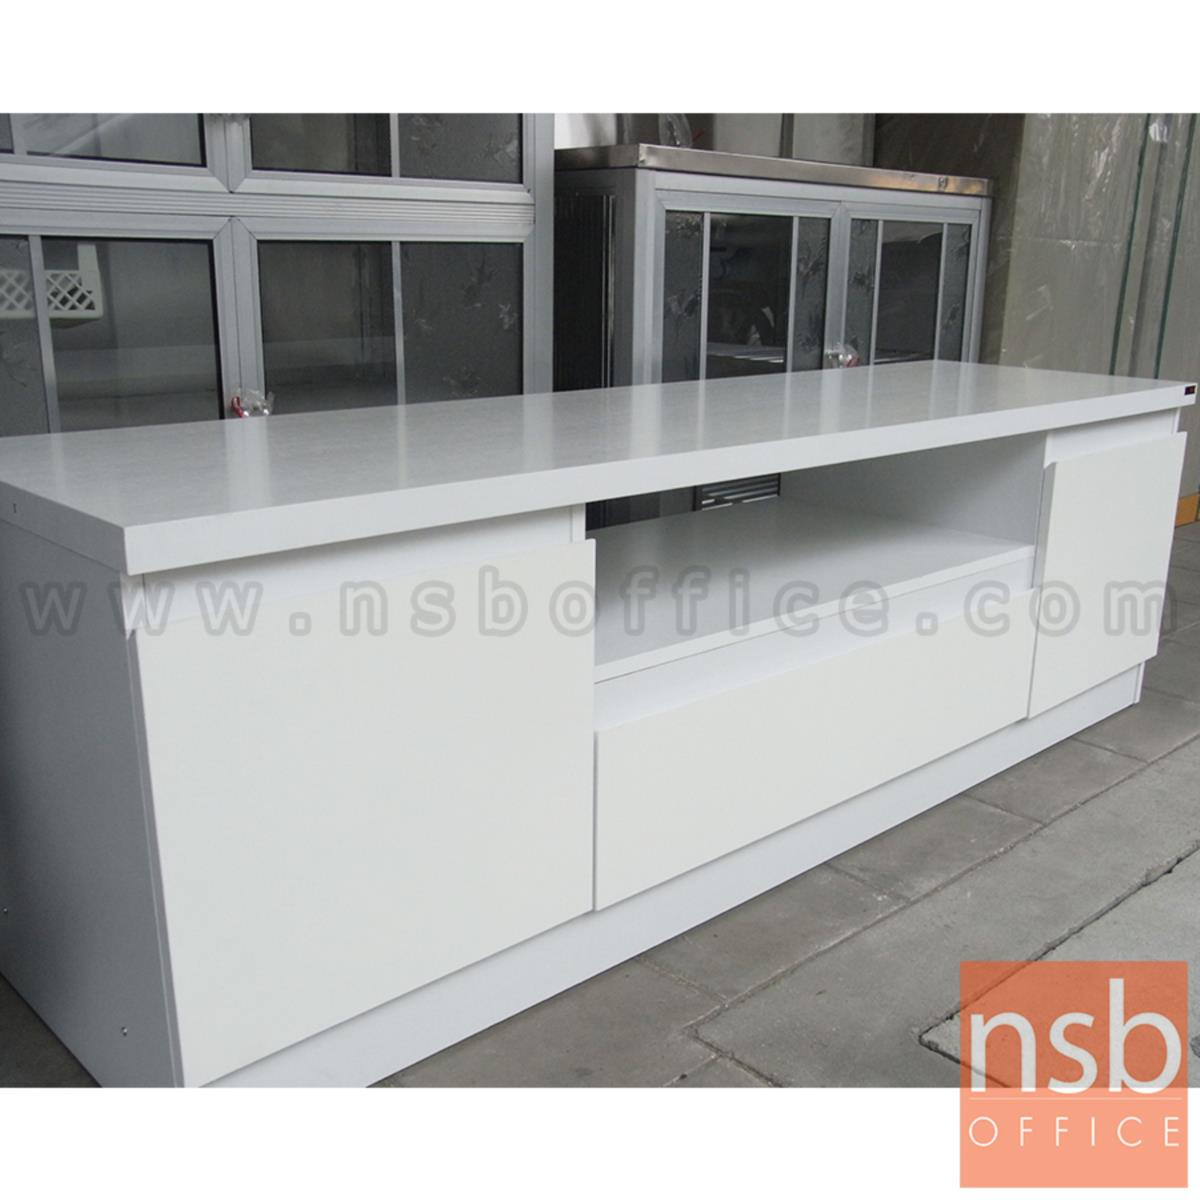 CL30361:ตู้วางทีวีสีขาวล้วน  รุ่น Sanders (แซนเดอร์) ขนาด 160W*50H cm.  เมลามีน